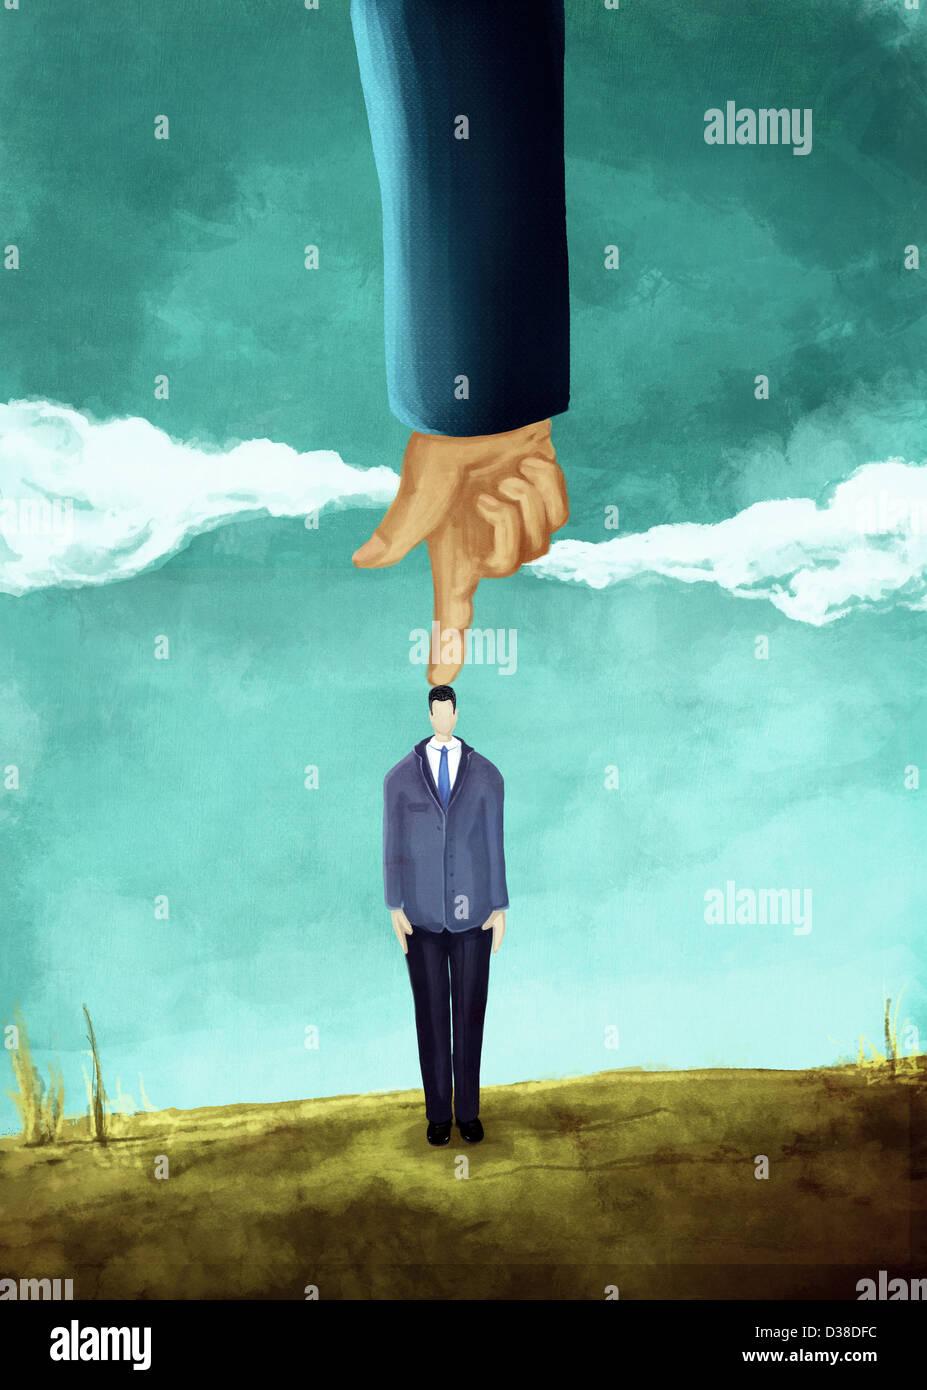 Anschauliches Bild von Hand verweist auf das Unternehmer Kopf, Herrschaft darstellt Stockbild